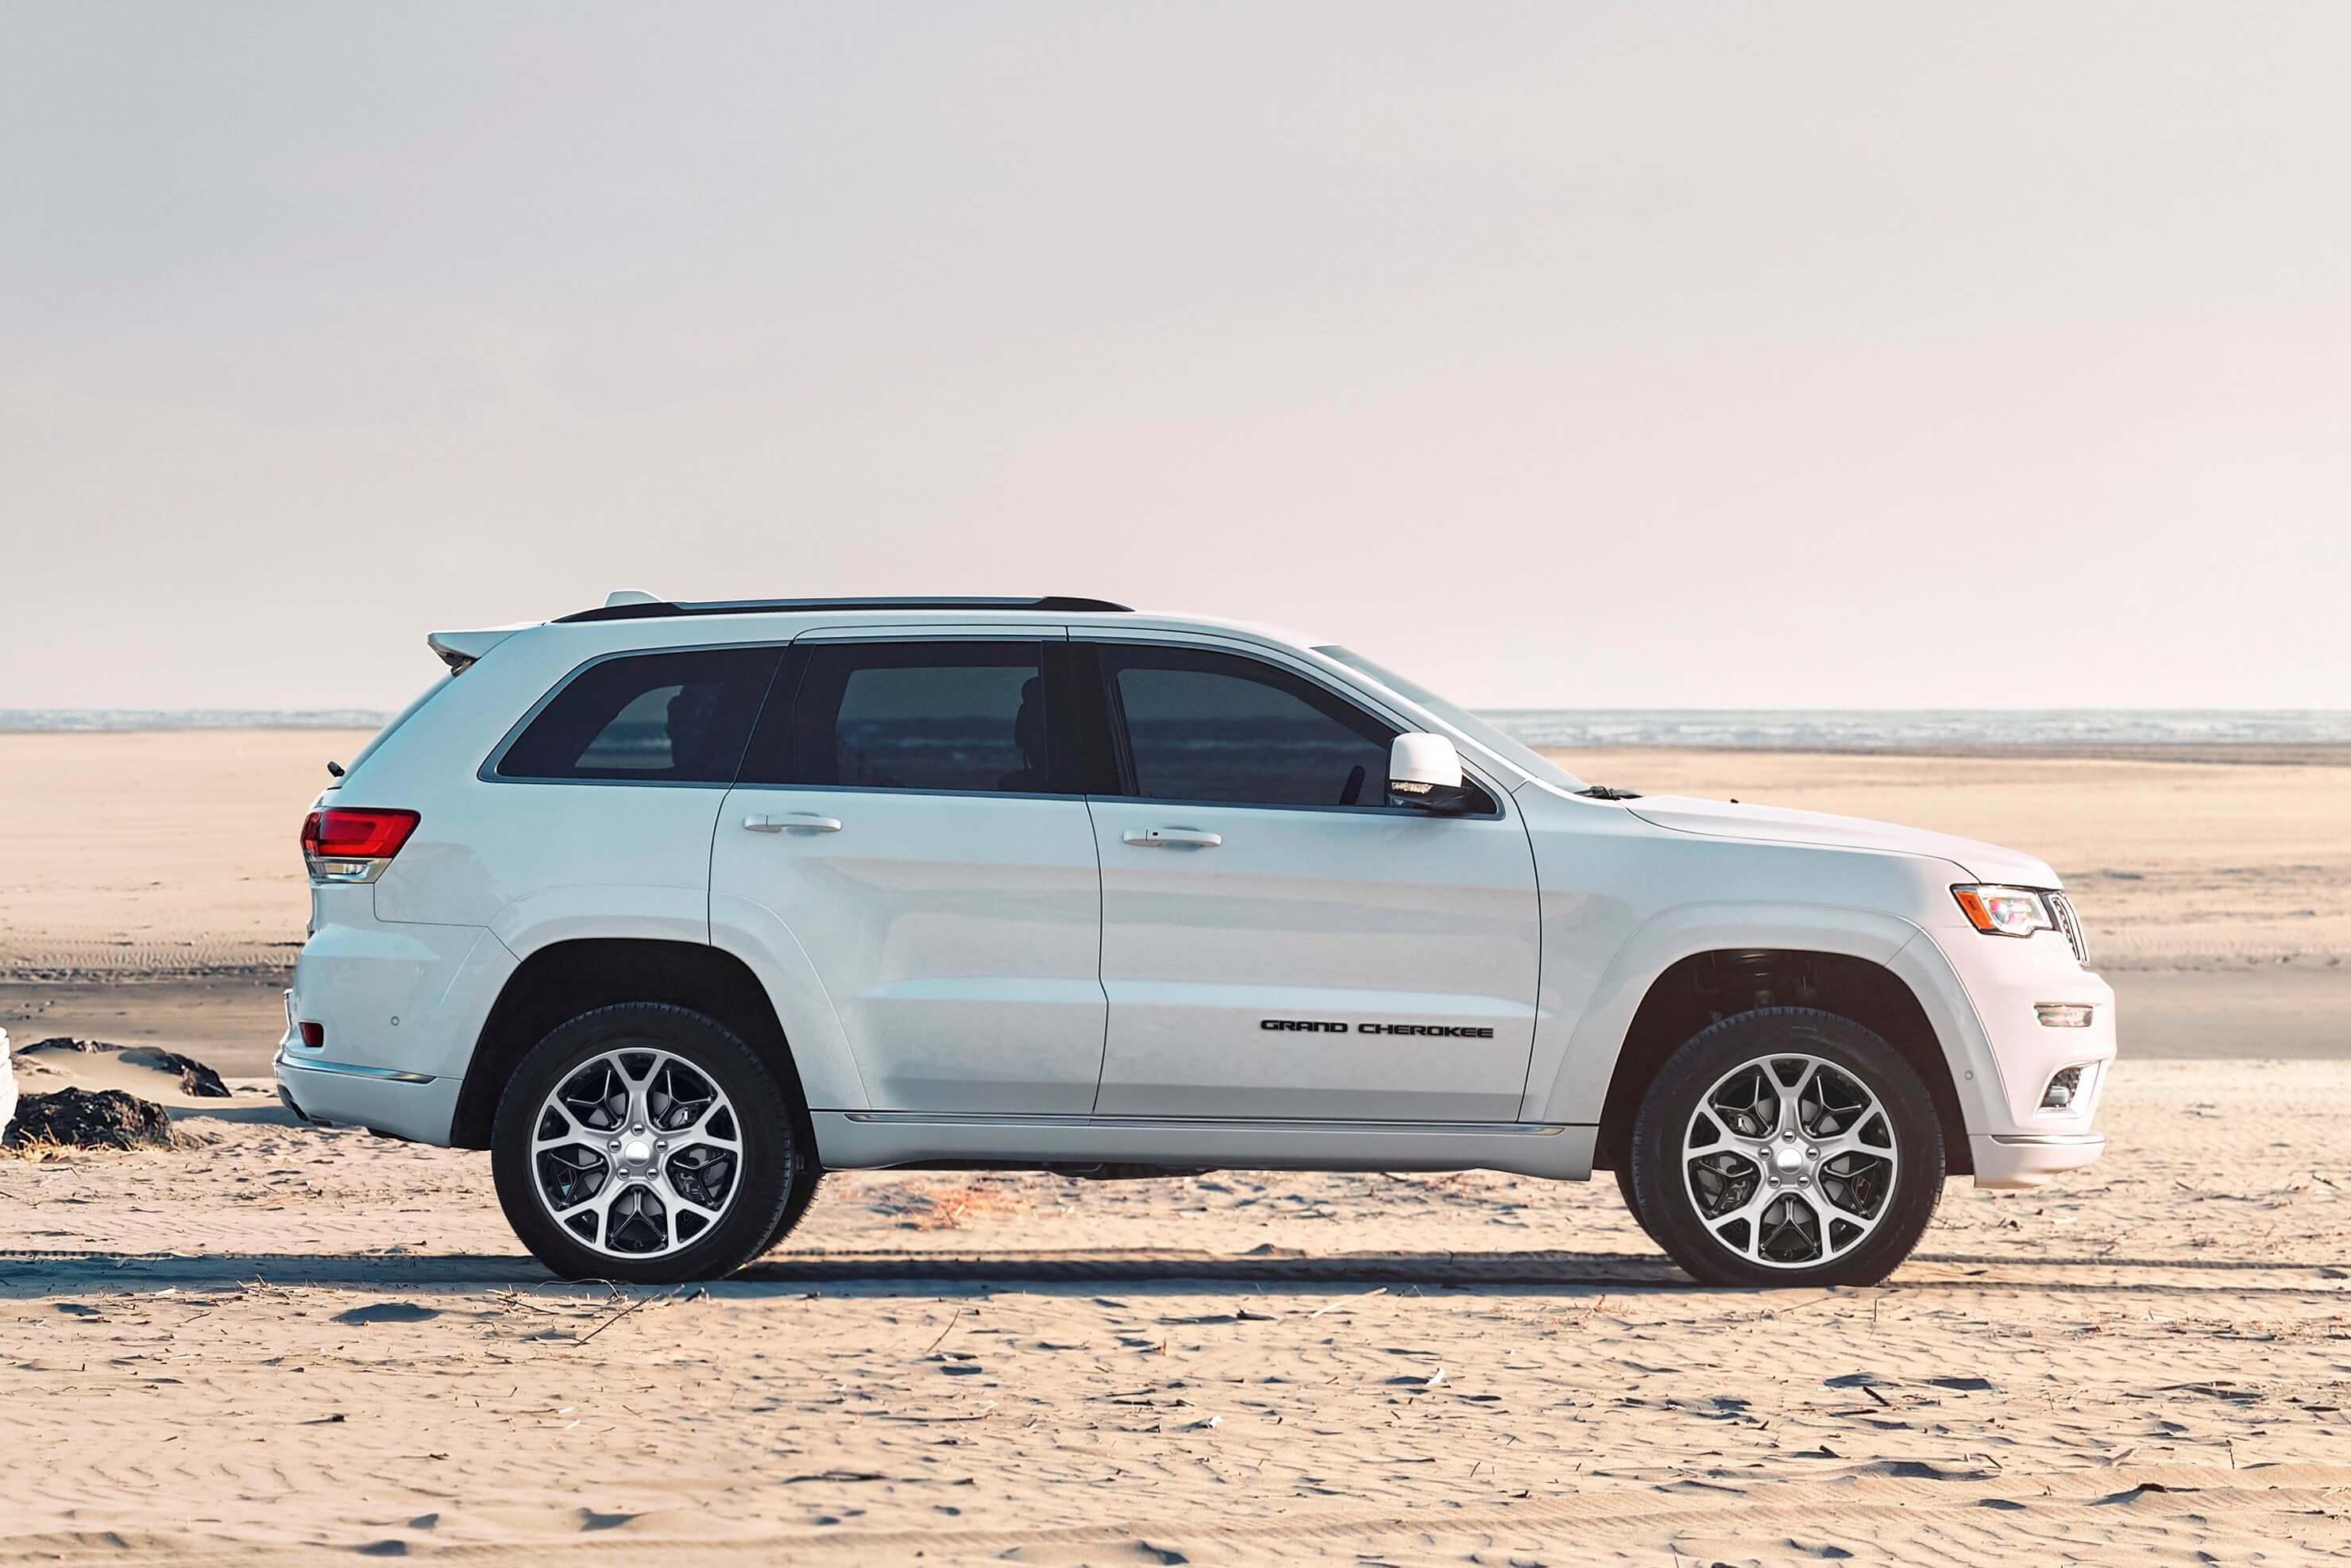 Jeep Grand Cherokee 2020 de perfil com novas rodas aro 20 polegadas com raios que simulam tripés